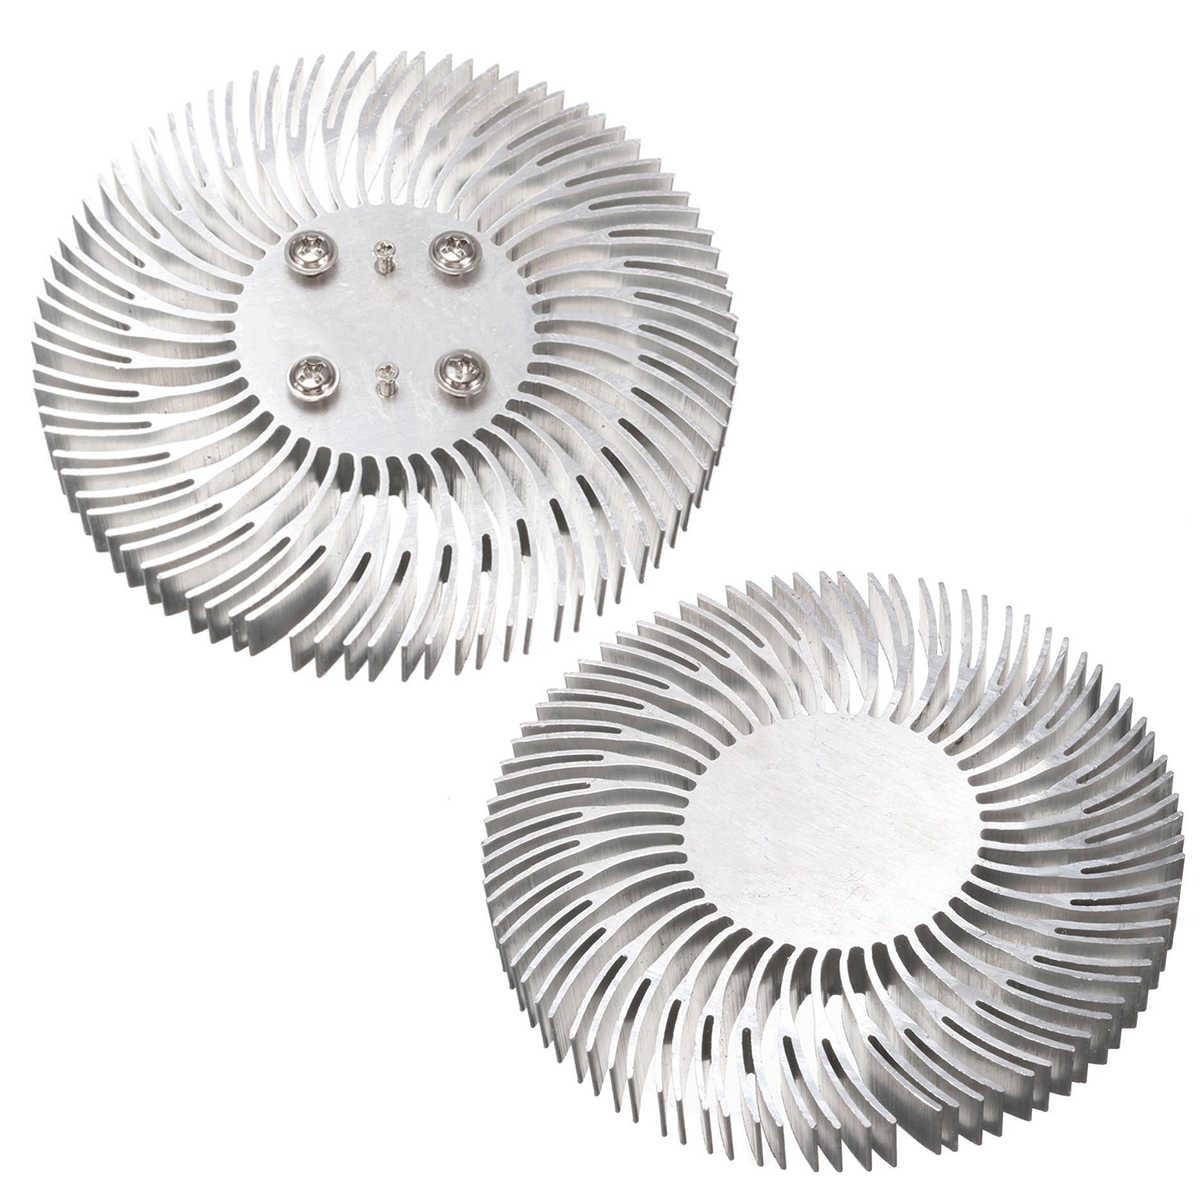 Yüksek Kaliteli Alüminyum Soğutucu Radyatör 90*10mm 10W Yüksek Güç LED lamba ışığı Yuvarlak Spiral Isı Emici vidalar ile